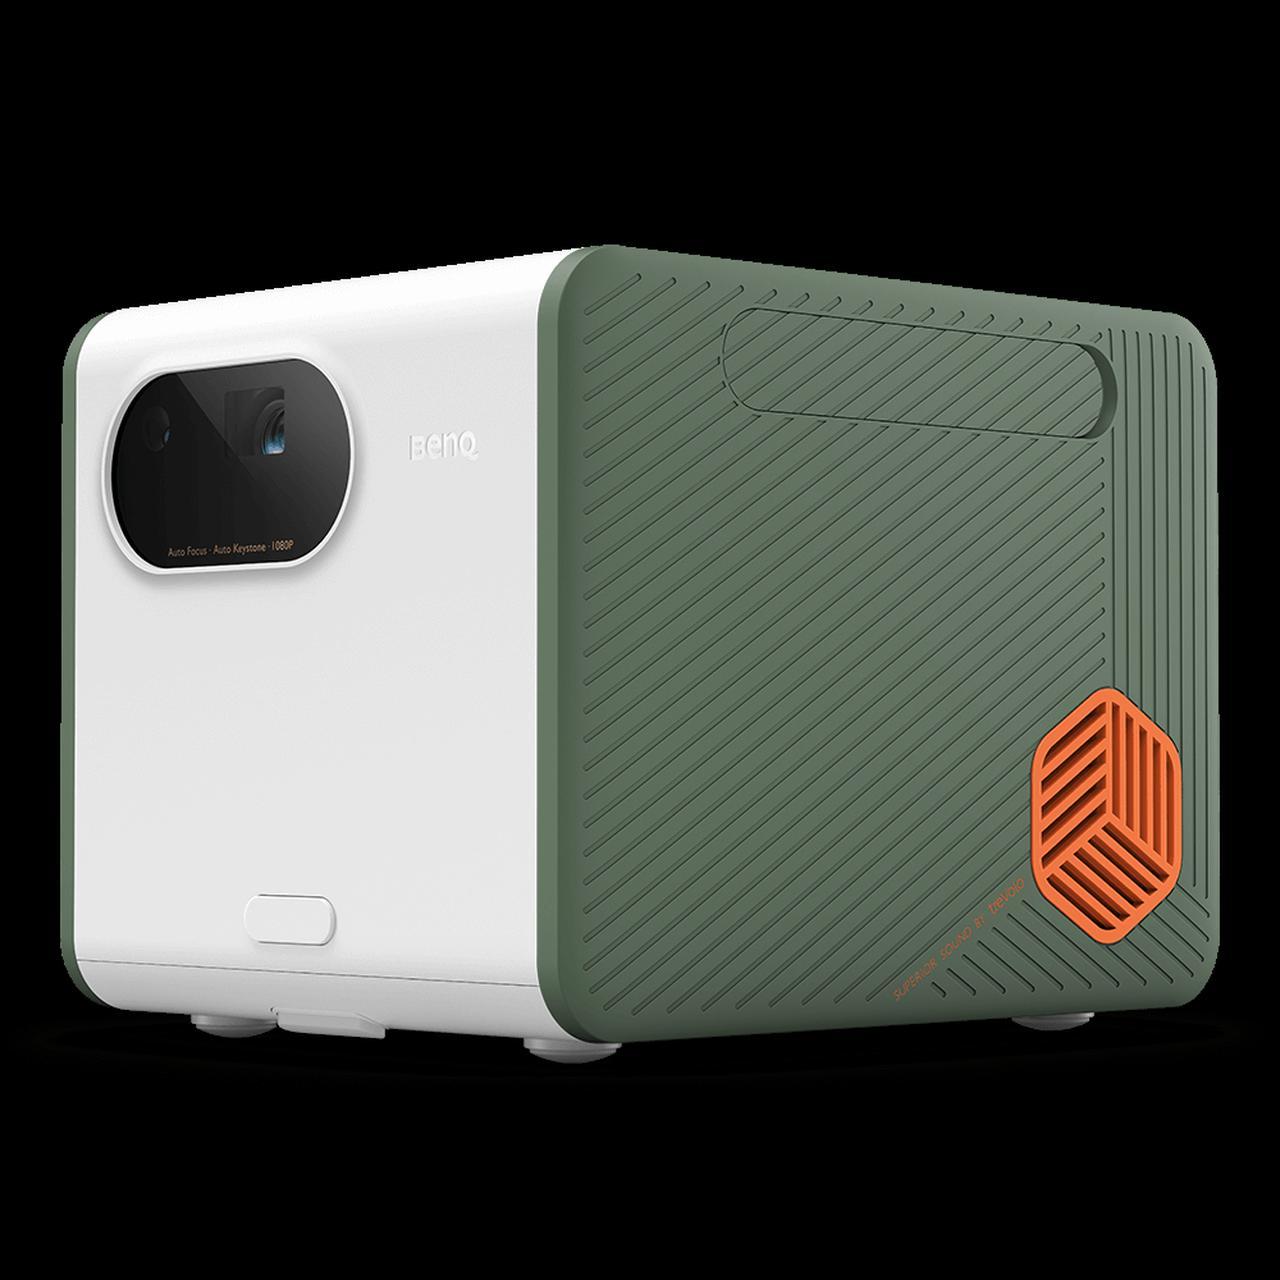 画像: 1080p アウトドア対応LEDモバイルプロジェクター、IPX2防滴、超低音 Bluetooth スピーカー付き、   GS50